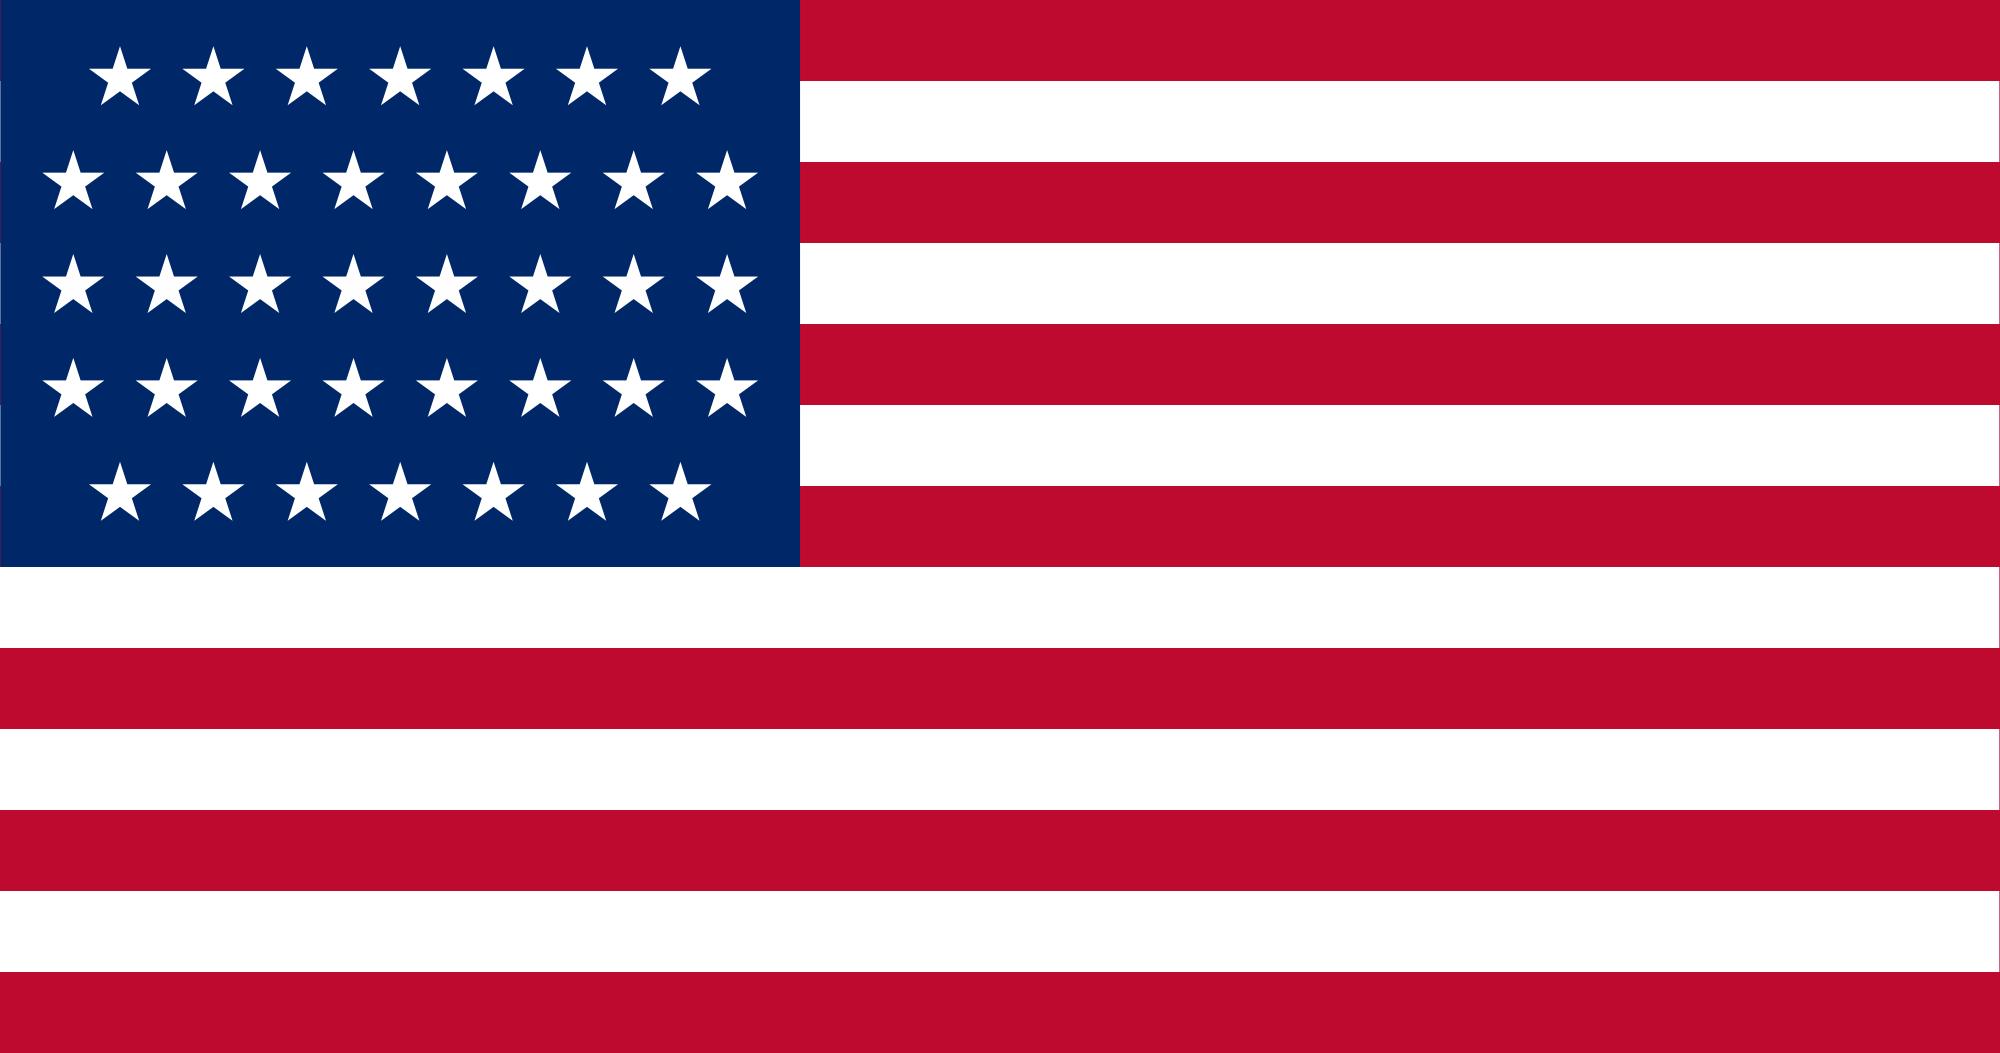 presidente de los estados unidos de norteamerica: